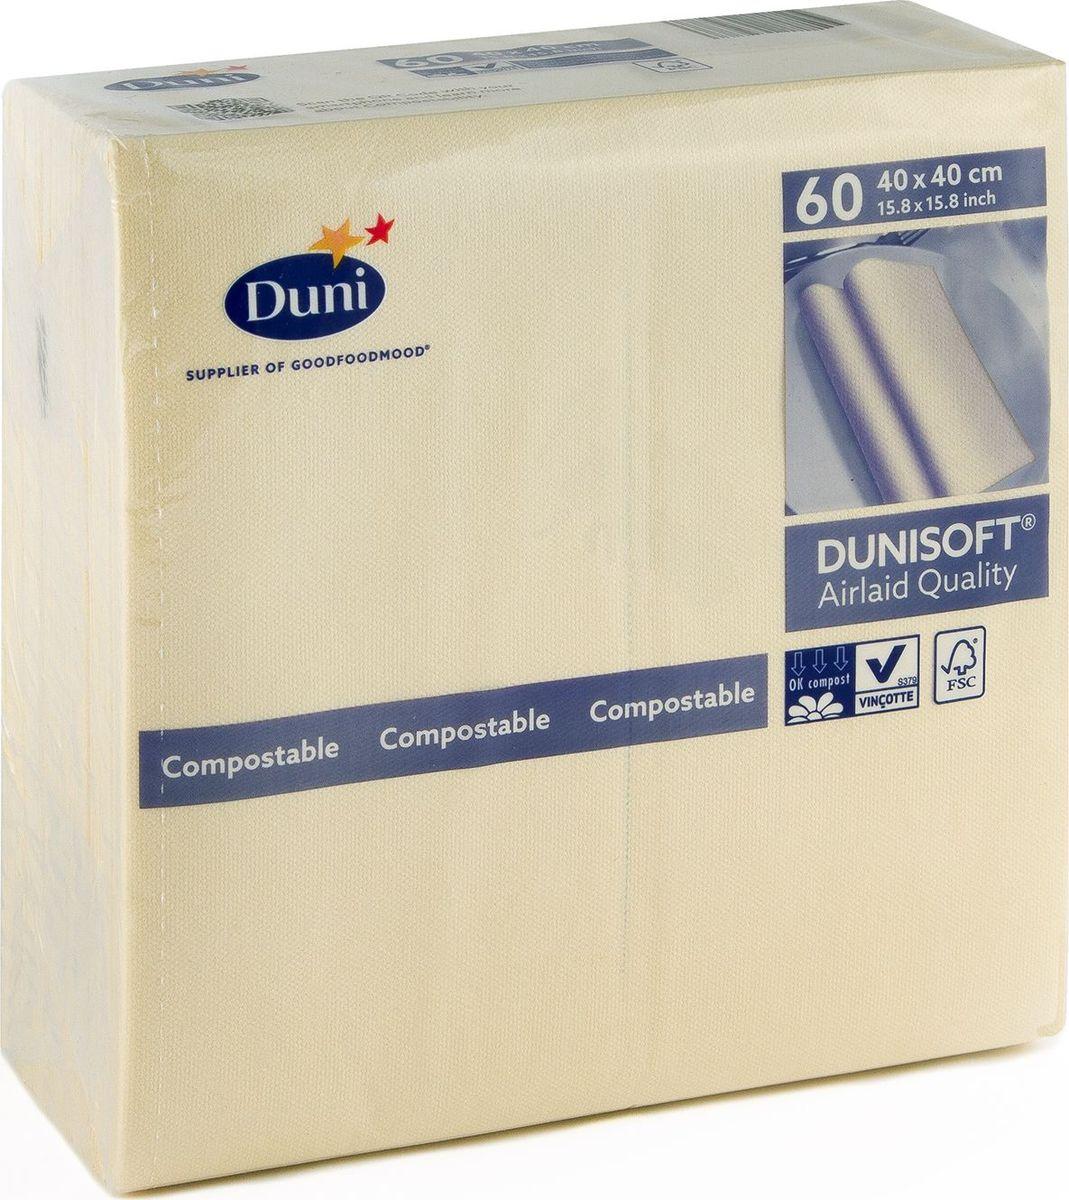 Салфетки бумажные Duni  Airlaid , цвет: бежевый, 40 см, 60 шт - Одноразовая посуда